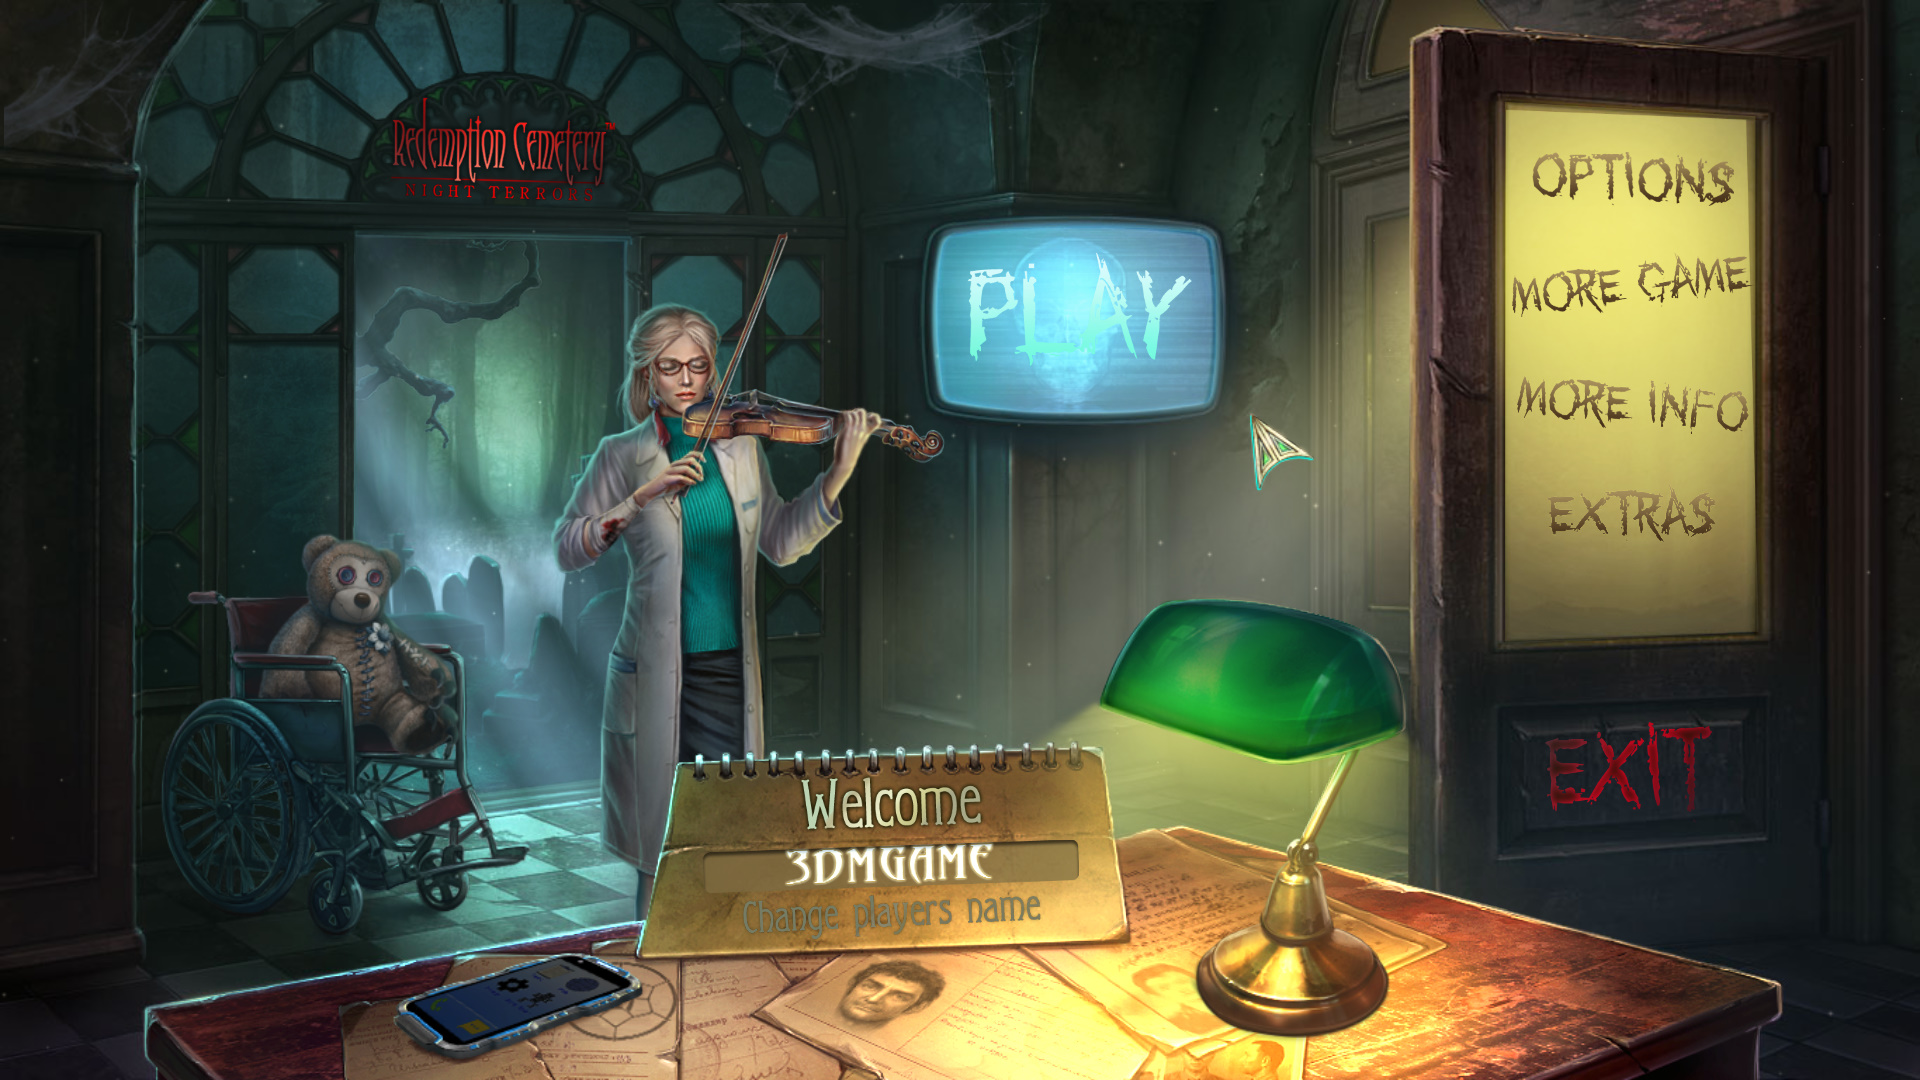 救赎墓园9:惊悚夜 游戏截图